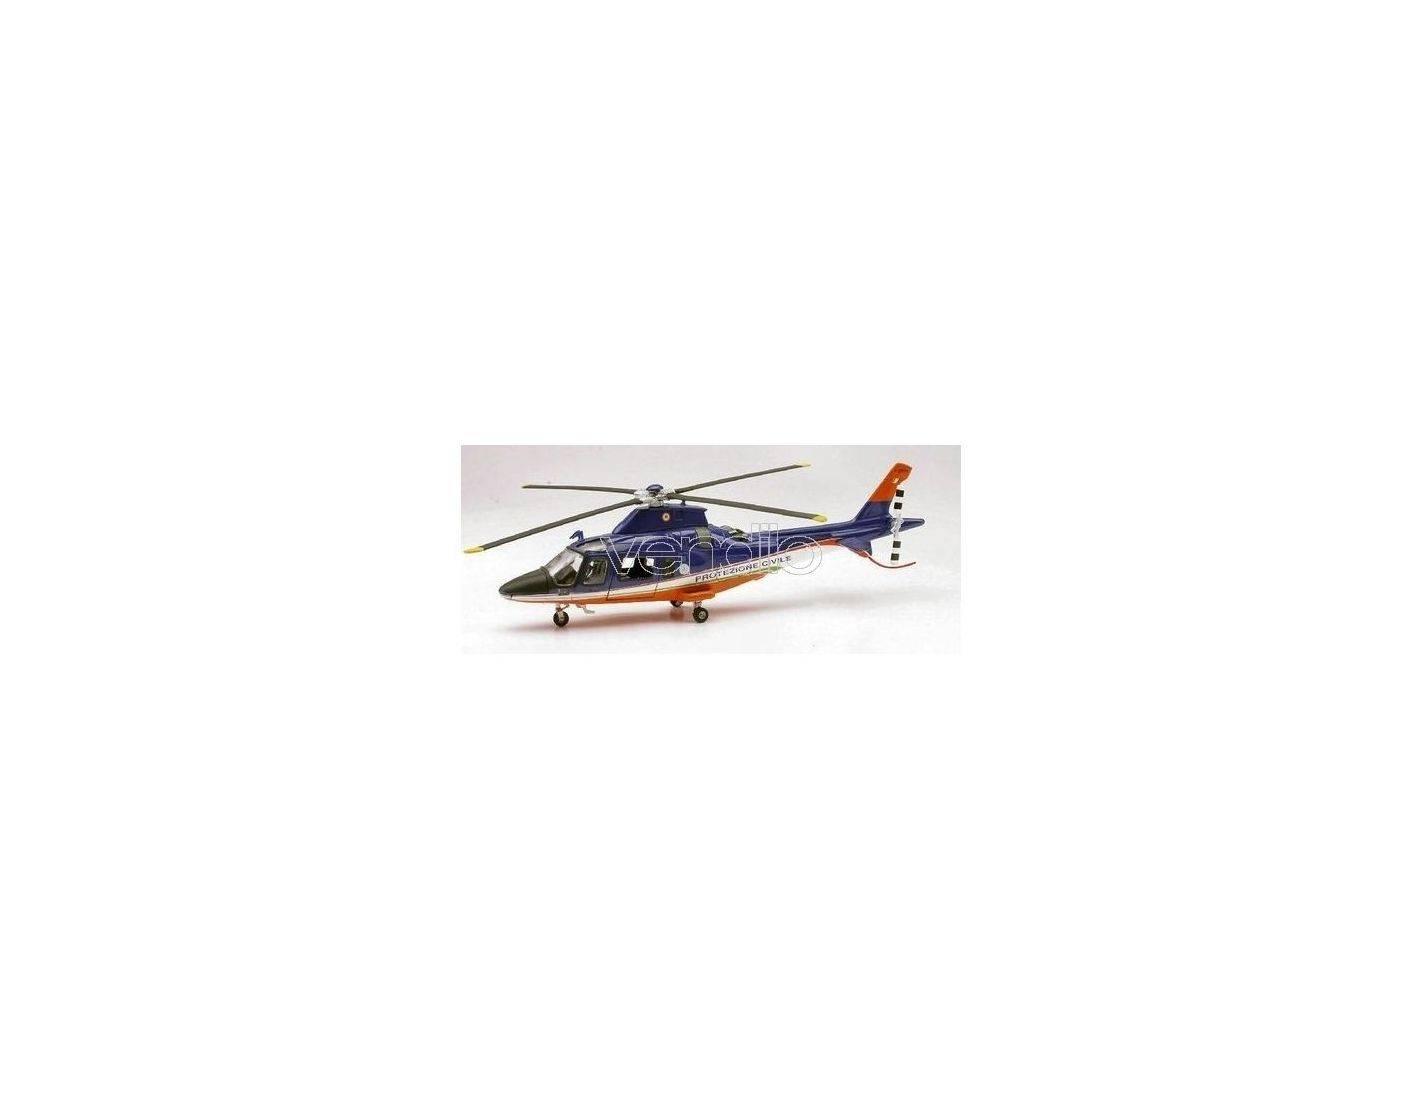 Elicottero Agusta : New ray ny elicottero agusta power protezione